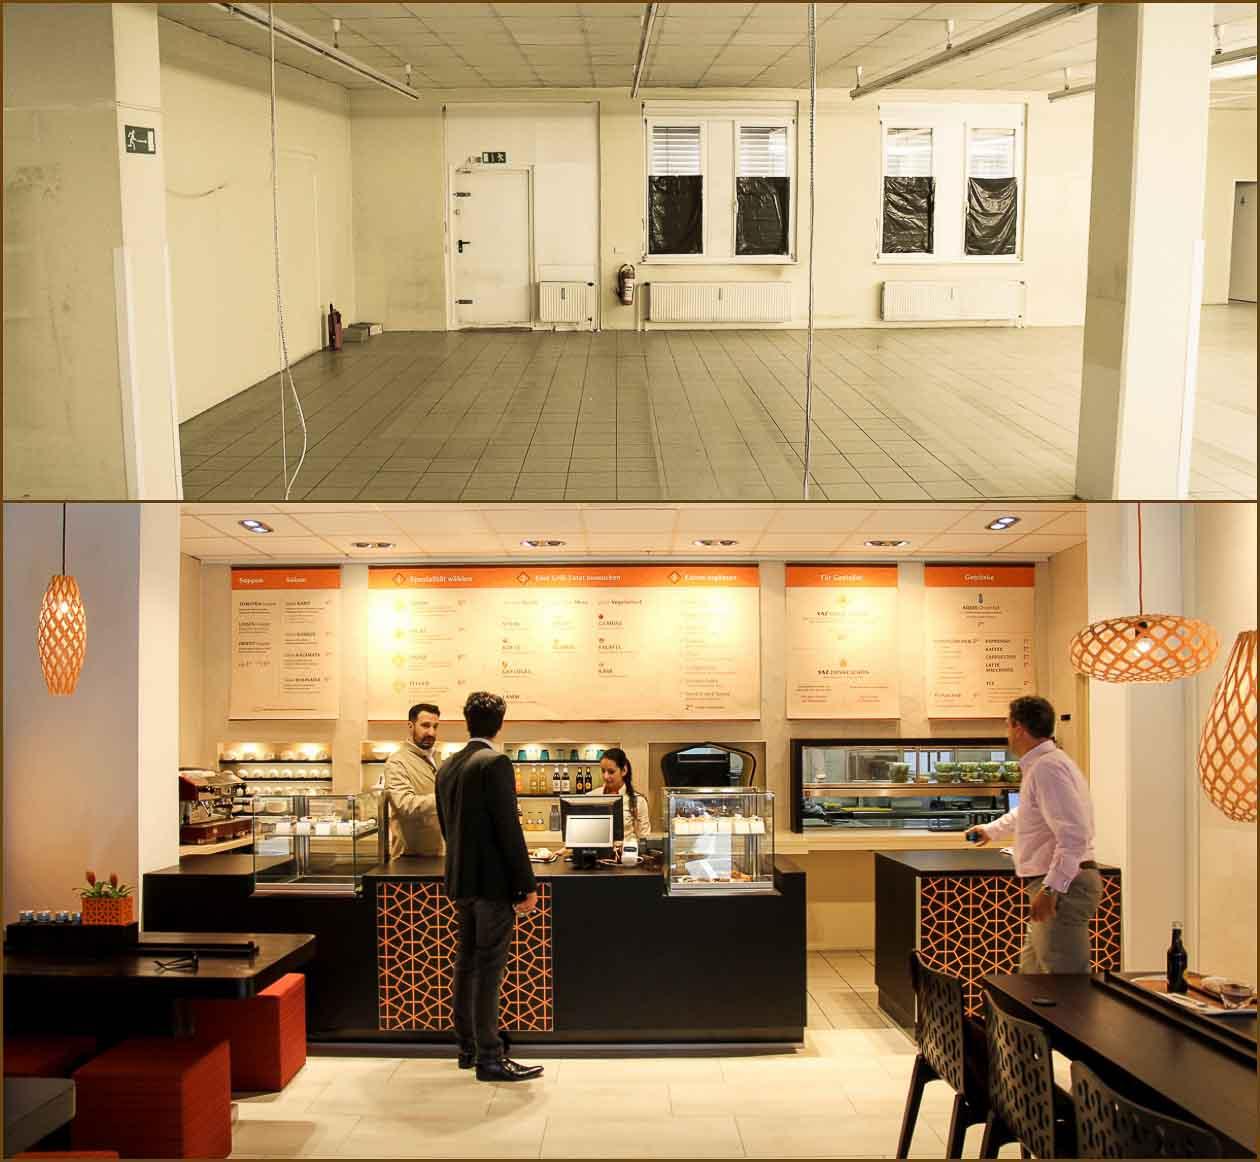 Rikiki. Yaz Offices & Concept Restaurant